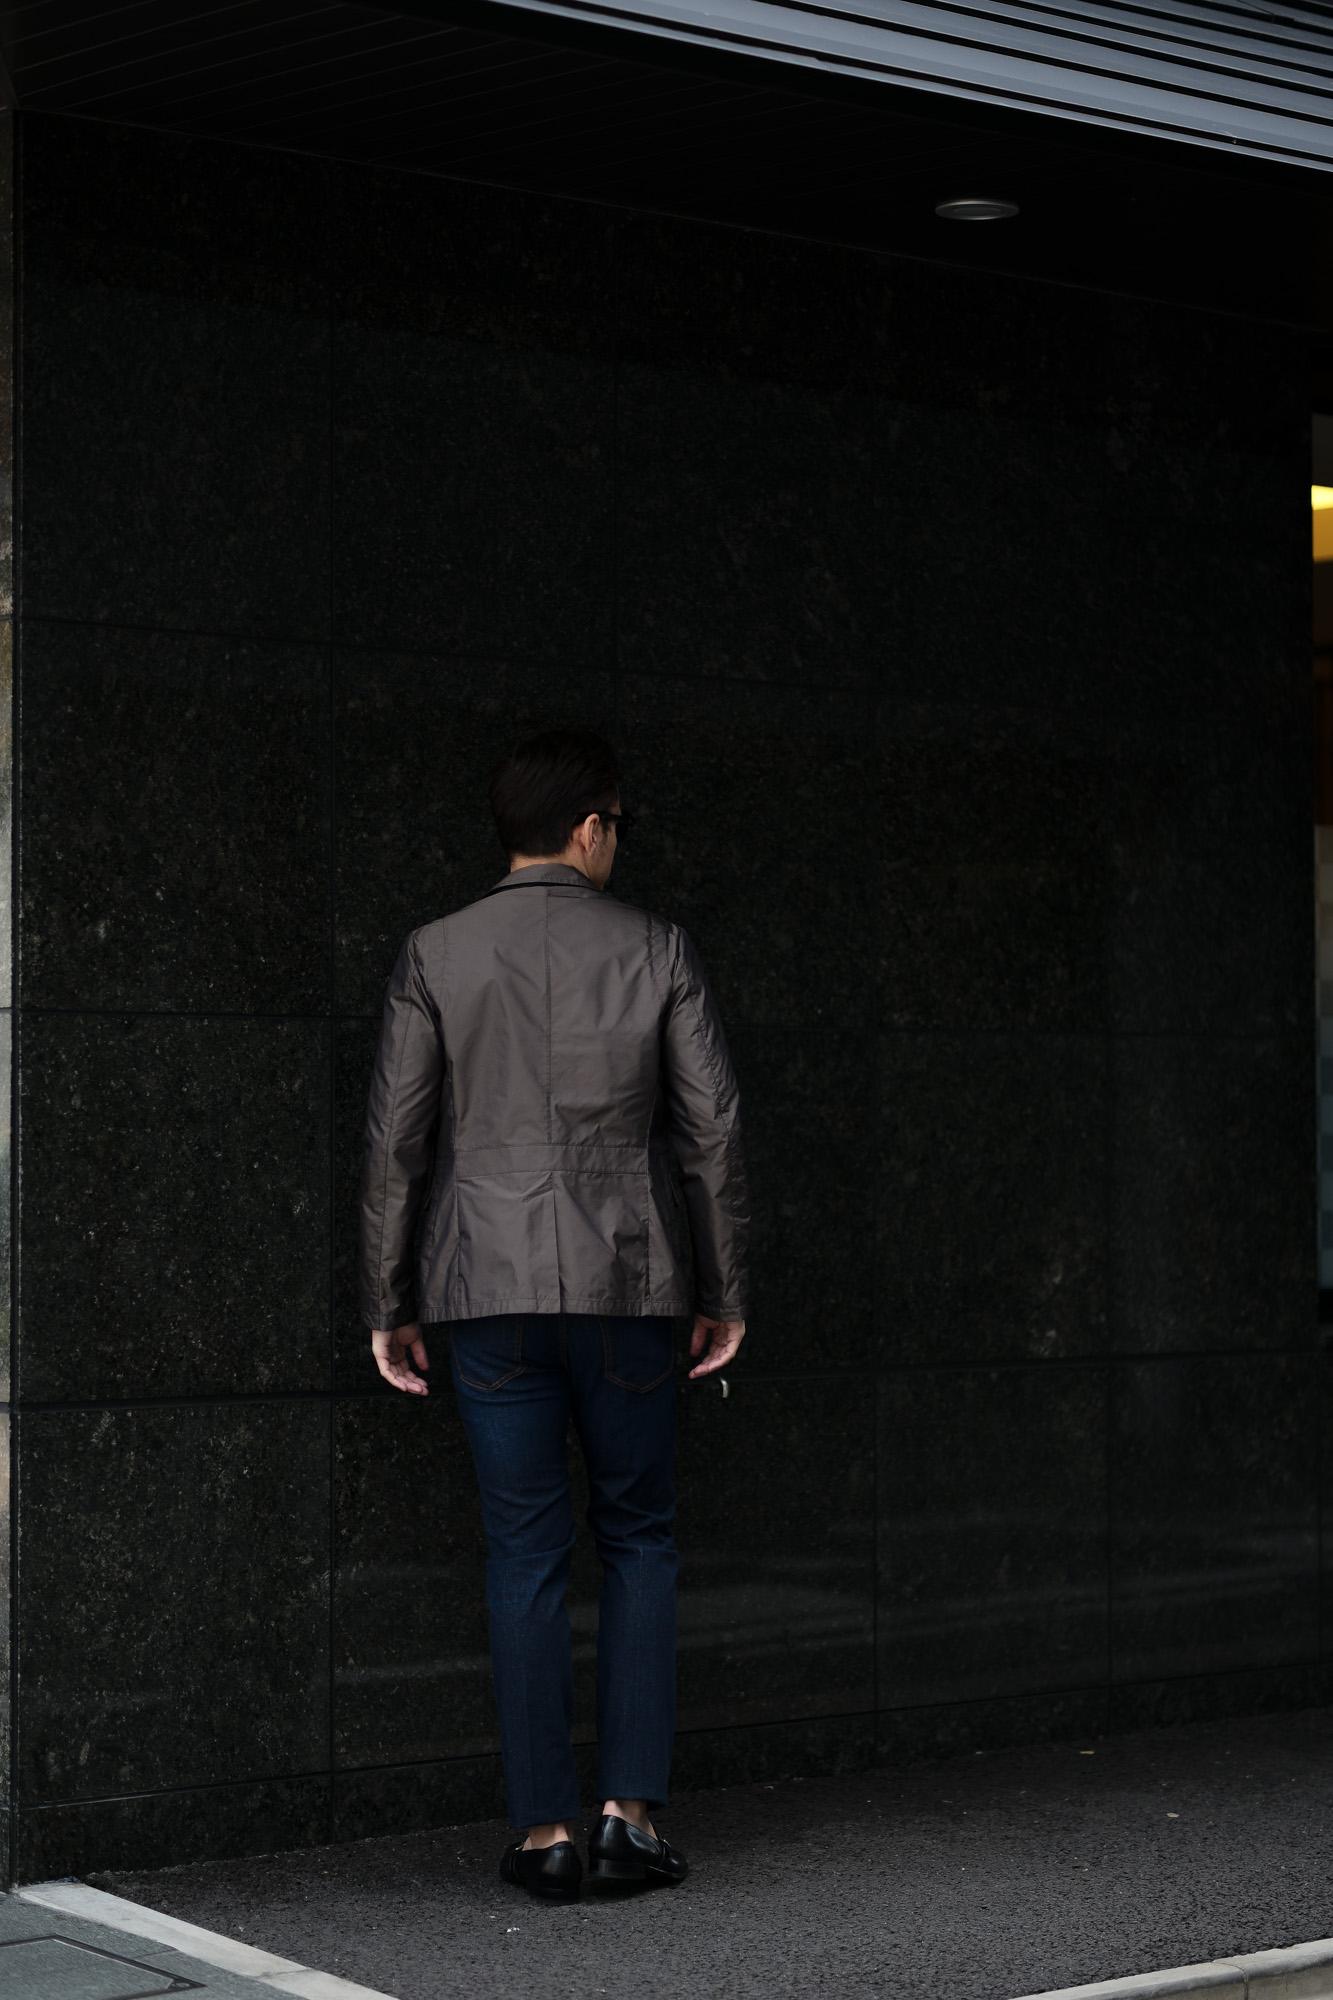 MOORER(ムーレー) GHIBERTI-KM1 (ギベルティ) ナイロン シングル ジャケット MARMOTTA (ブラウン) Made in italy (イタリア製) 2020 春夏新作 愛知 名古屋 altoediritto アルトエデリット